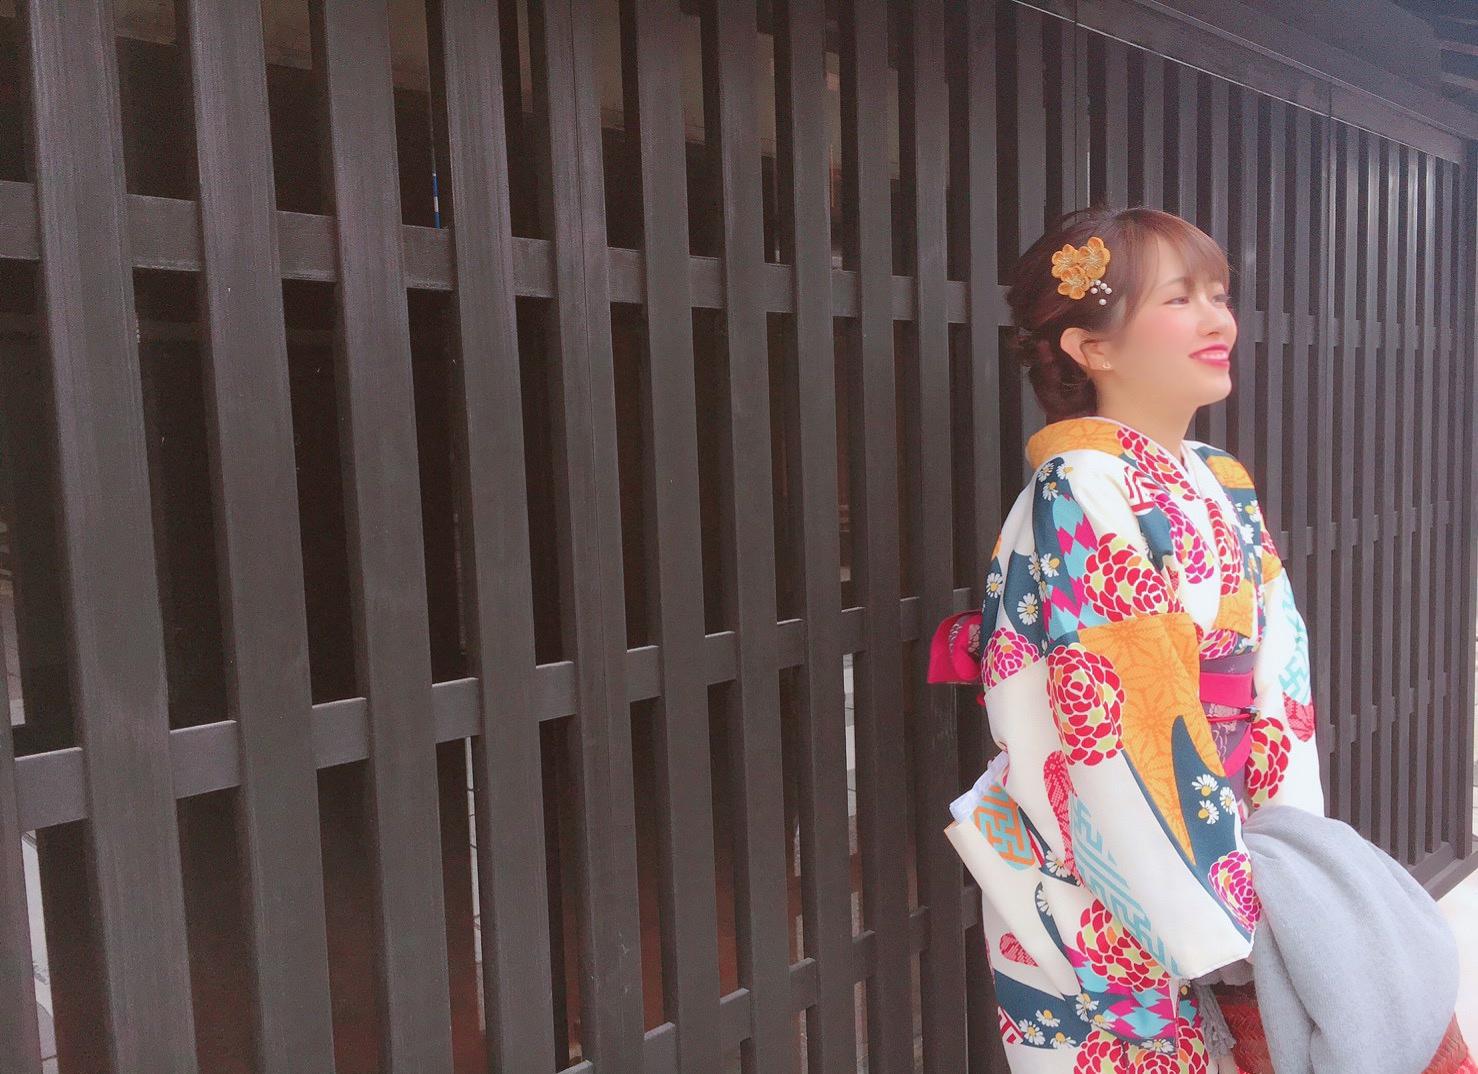 【名古屋】《レンタル着物で》犬山城下町ぶらり旅_7